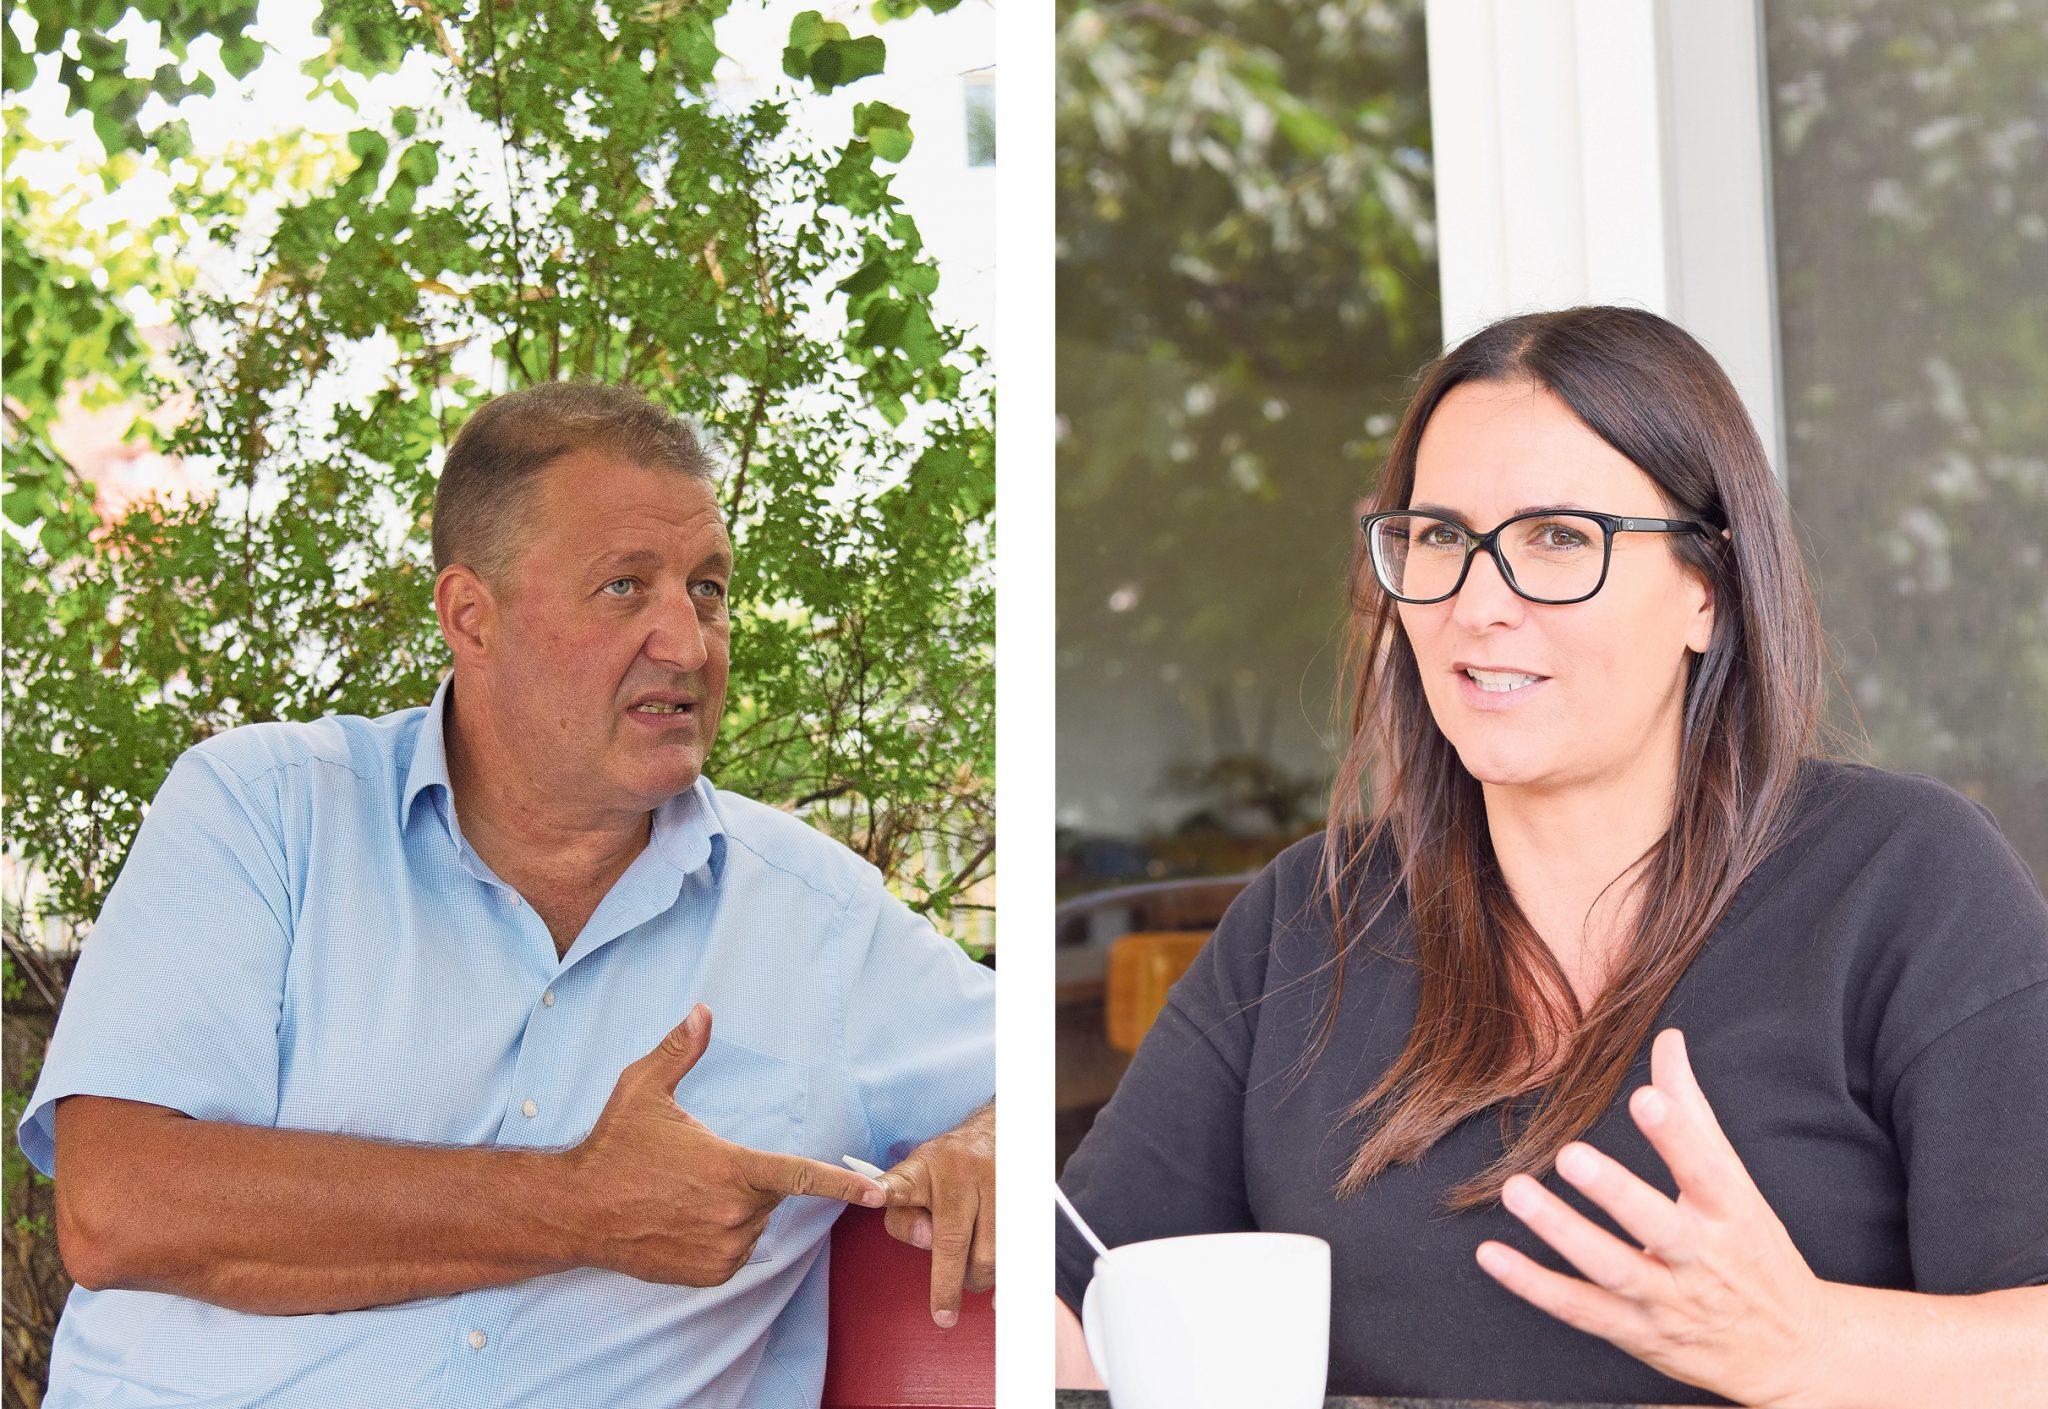 Thayngen hat die Wahl zwischen Marcel Fringer (FDP, links) und Andrea Müller (SVP): Unabhängigkeit oder Politdynastie? © Julia Leppin / Peter Pfister